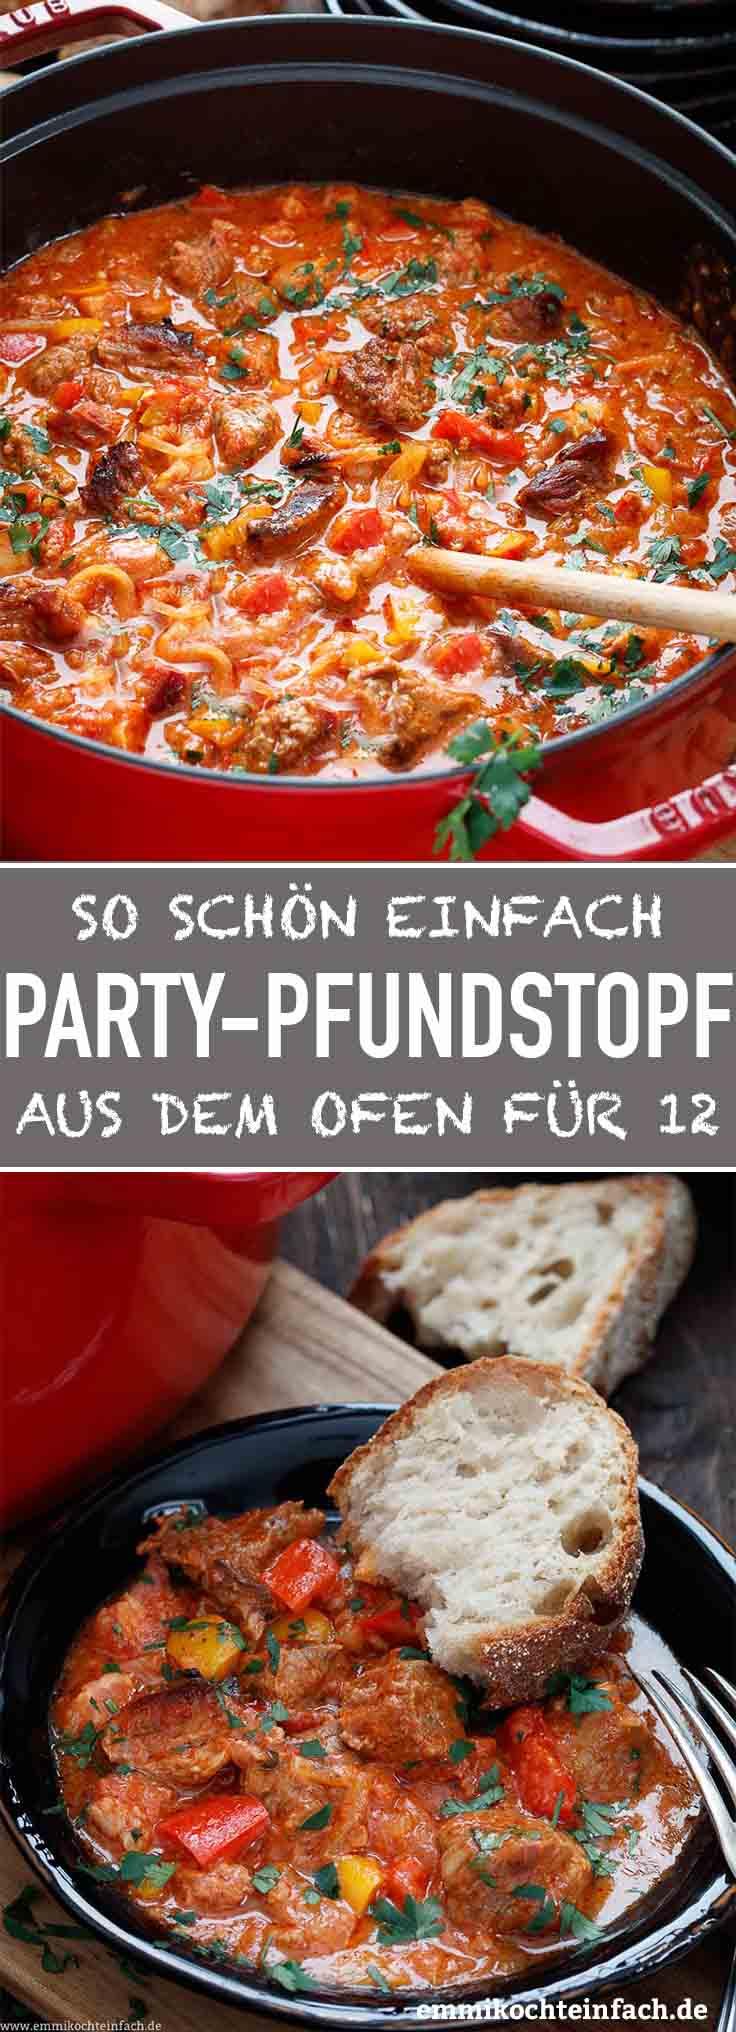 Party Pfundstopf für zwölf - www.emmikochteinfach.de